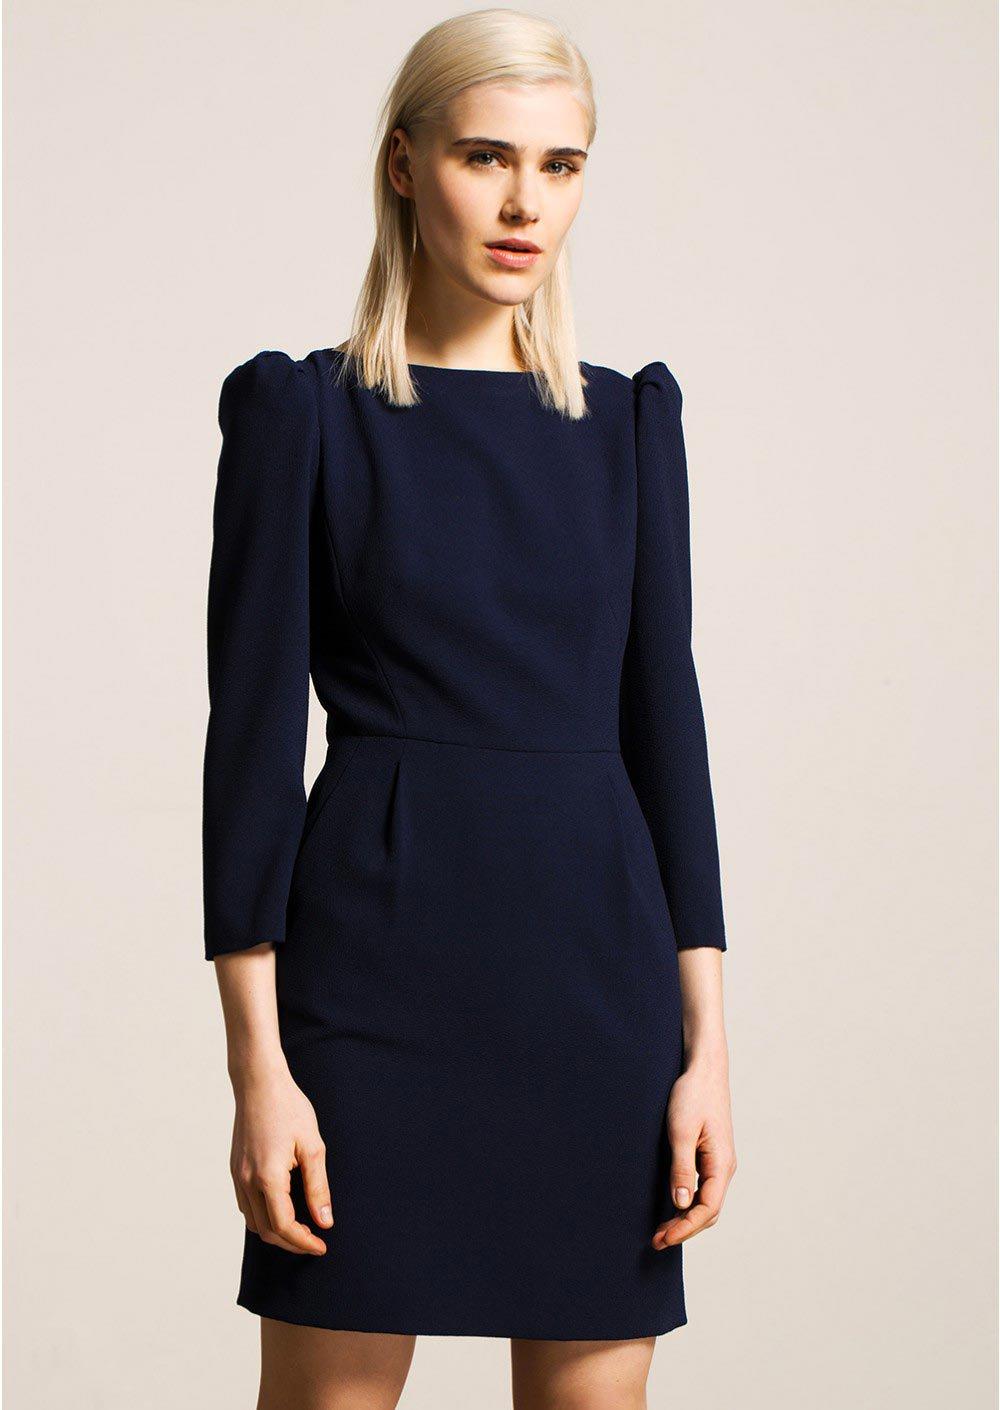 Платье зима 2018 синее офисное